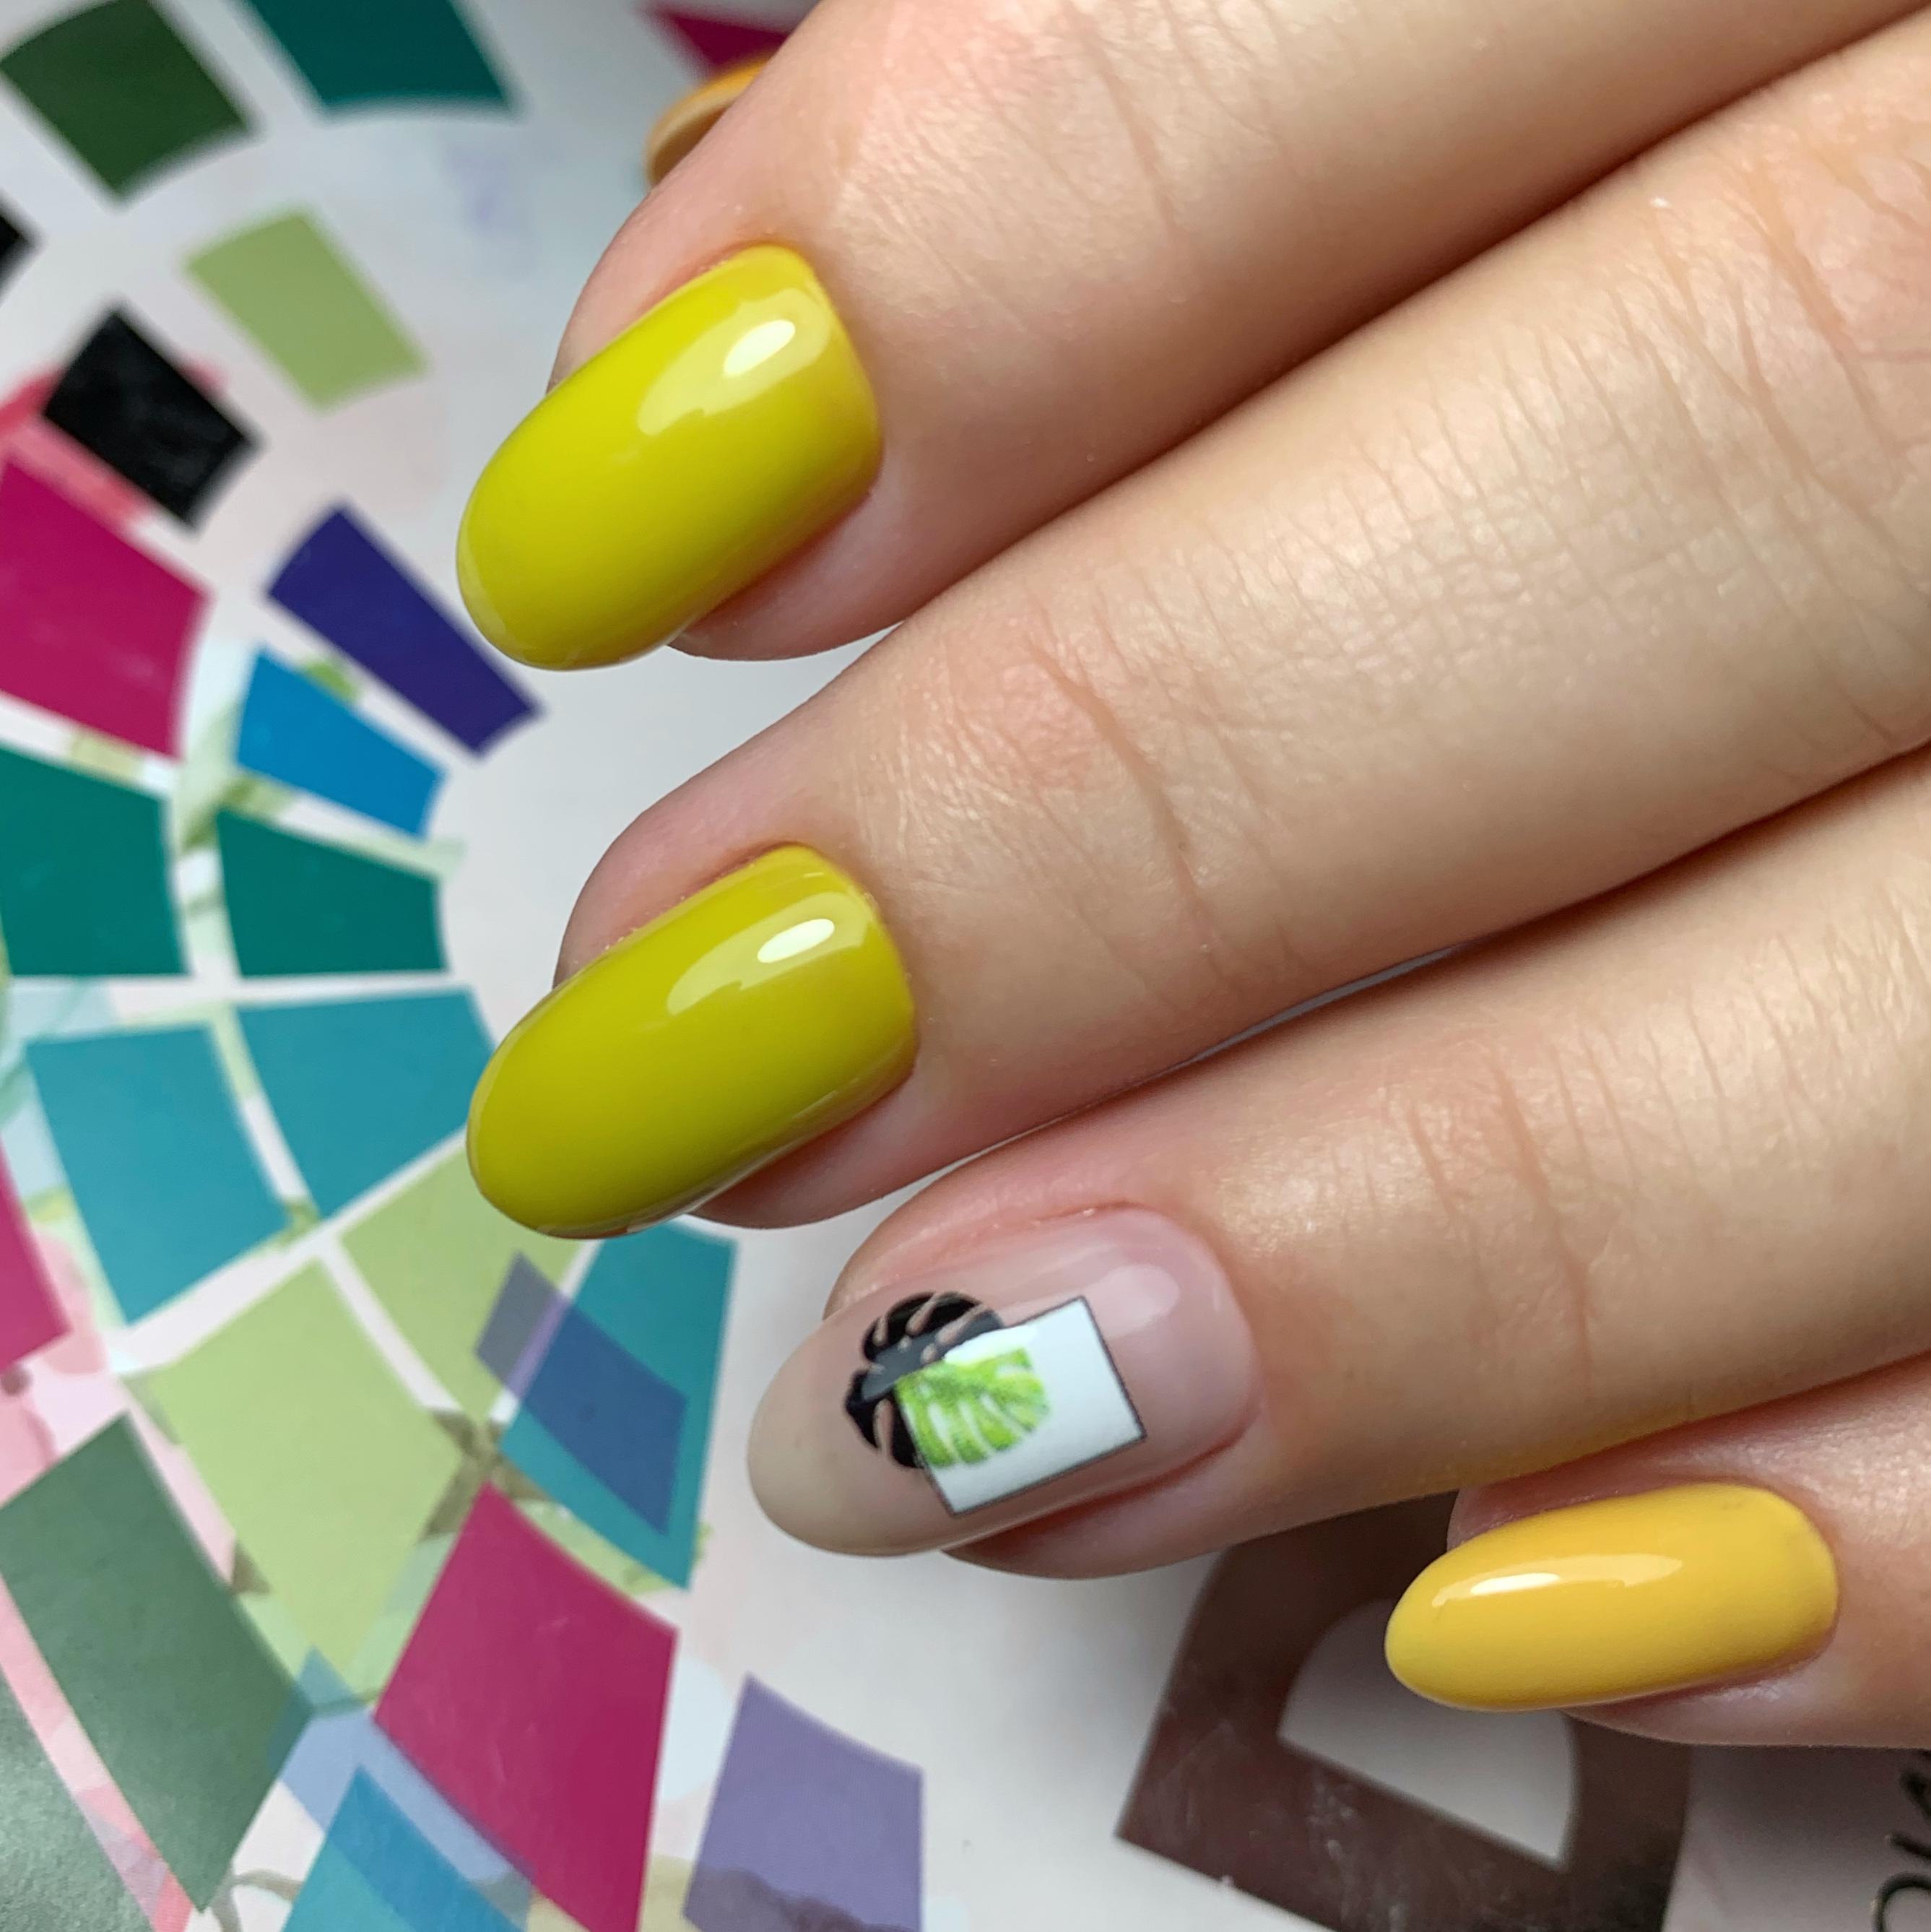 Маникюр с растительным слайдером в желтом цвете на короткие ногти.